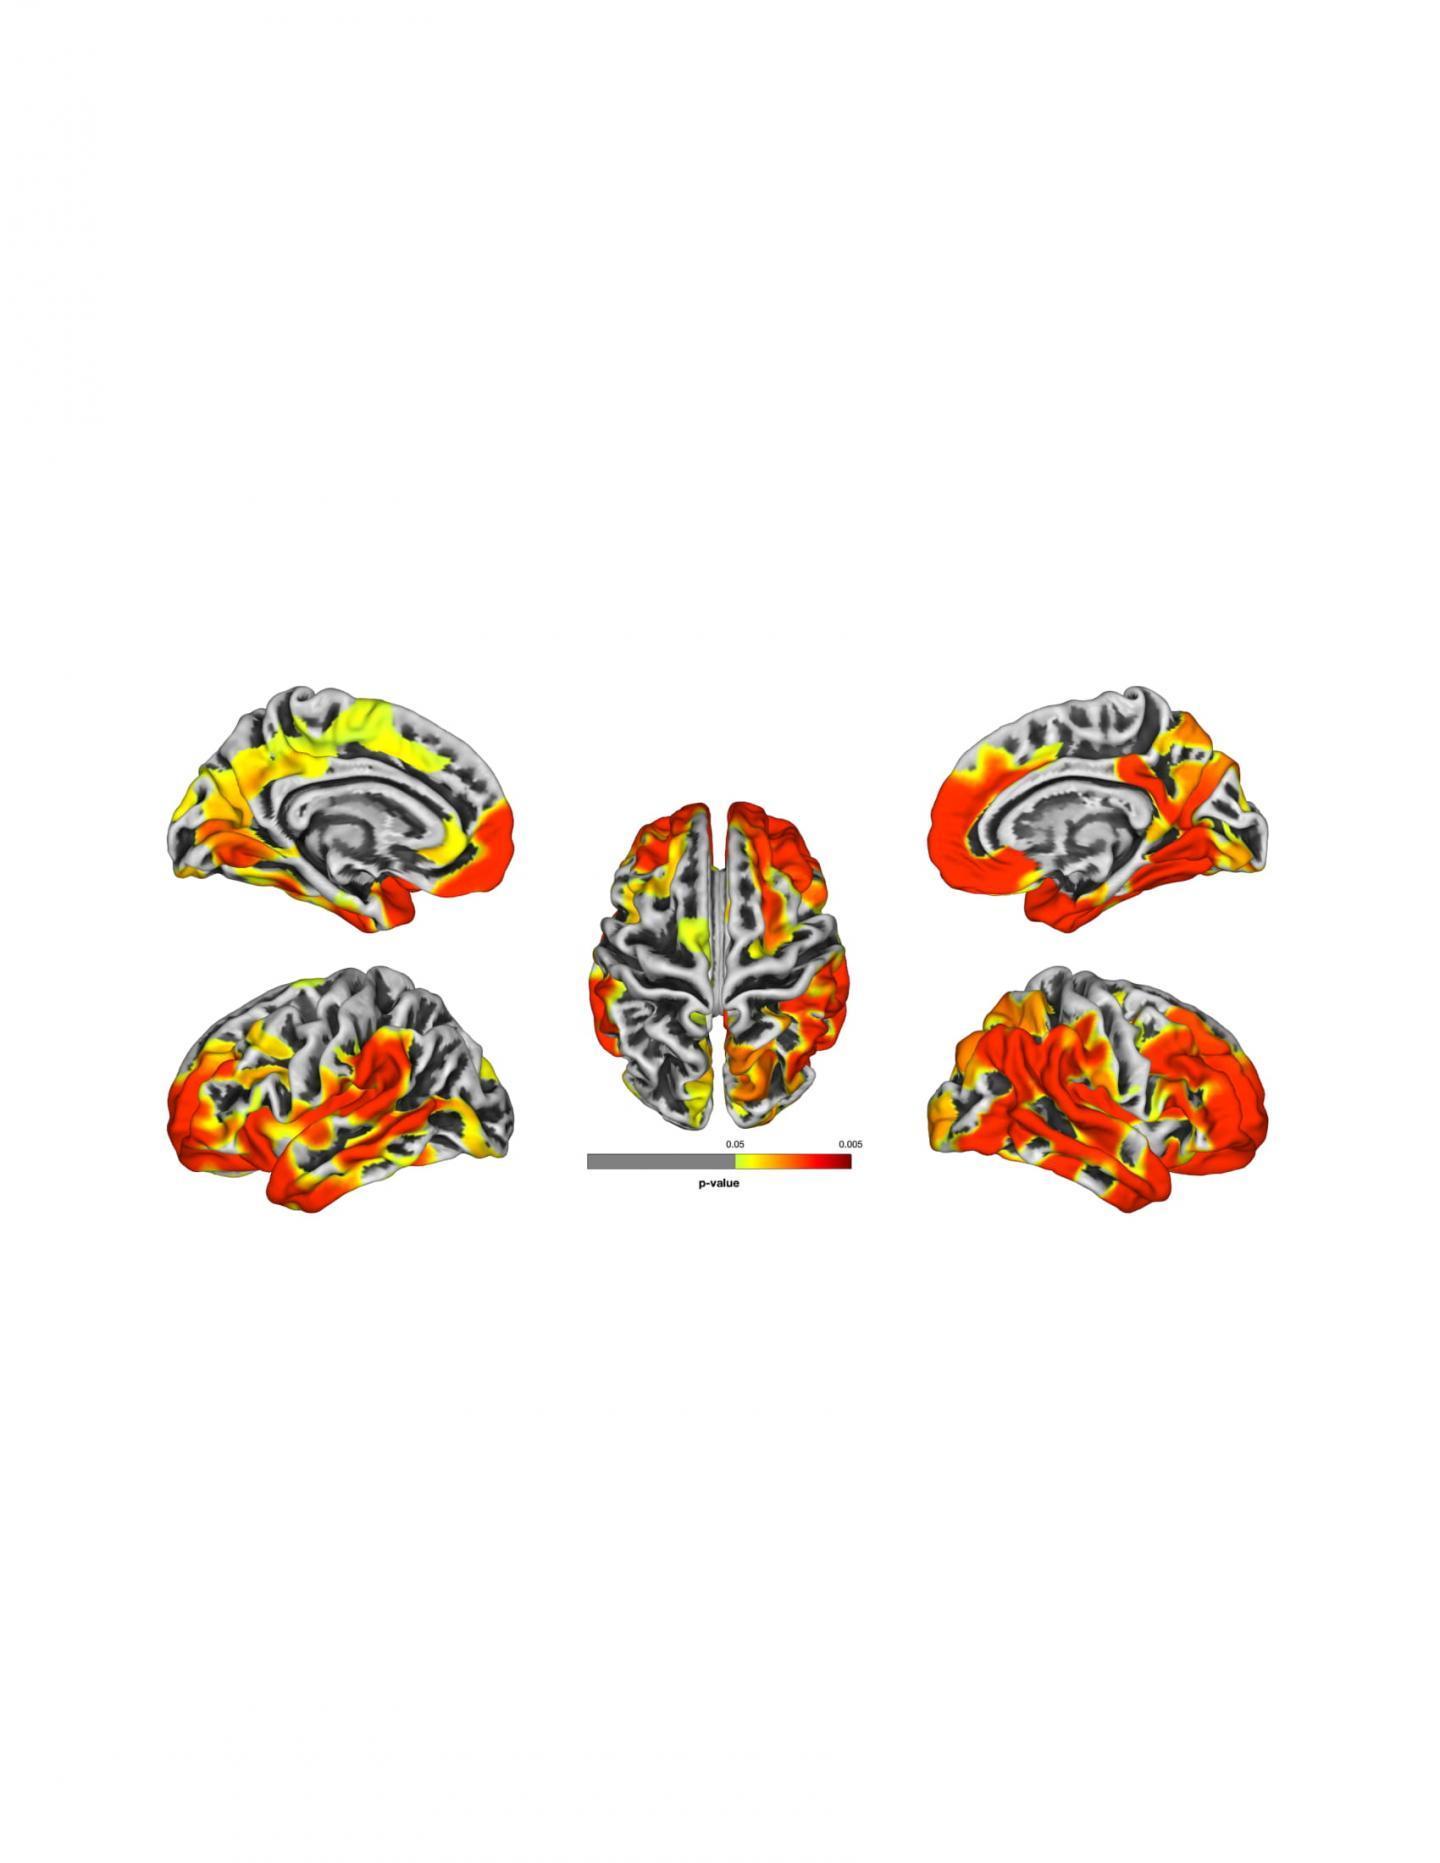 研究表明进一步的证据表明世贸中心反应者存在痴呆症风险